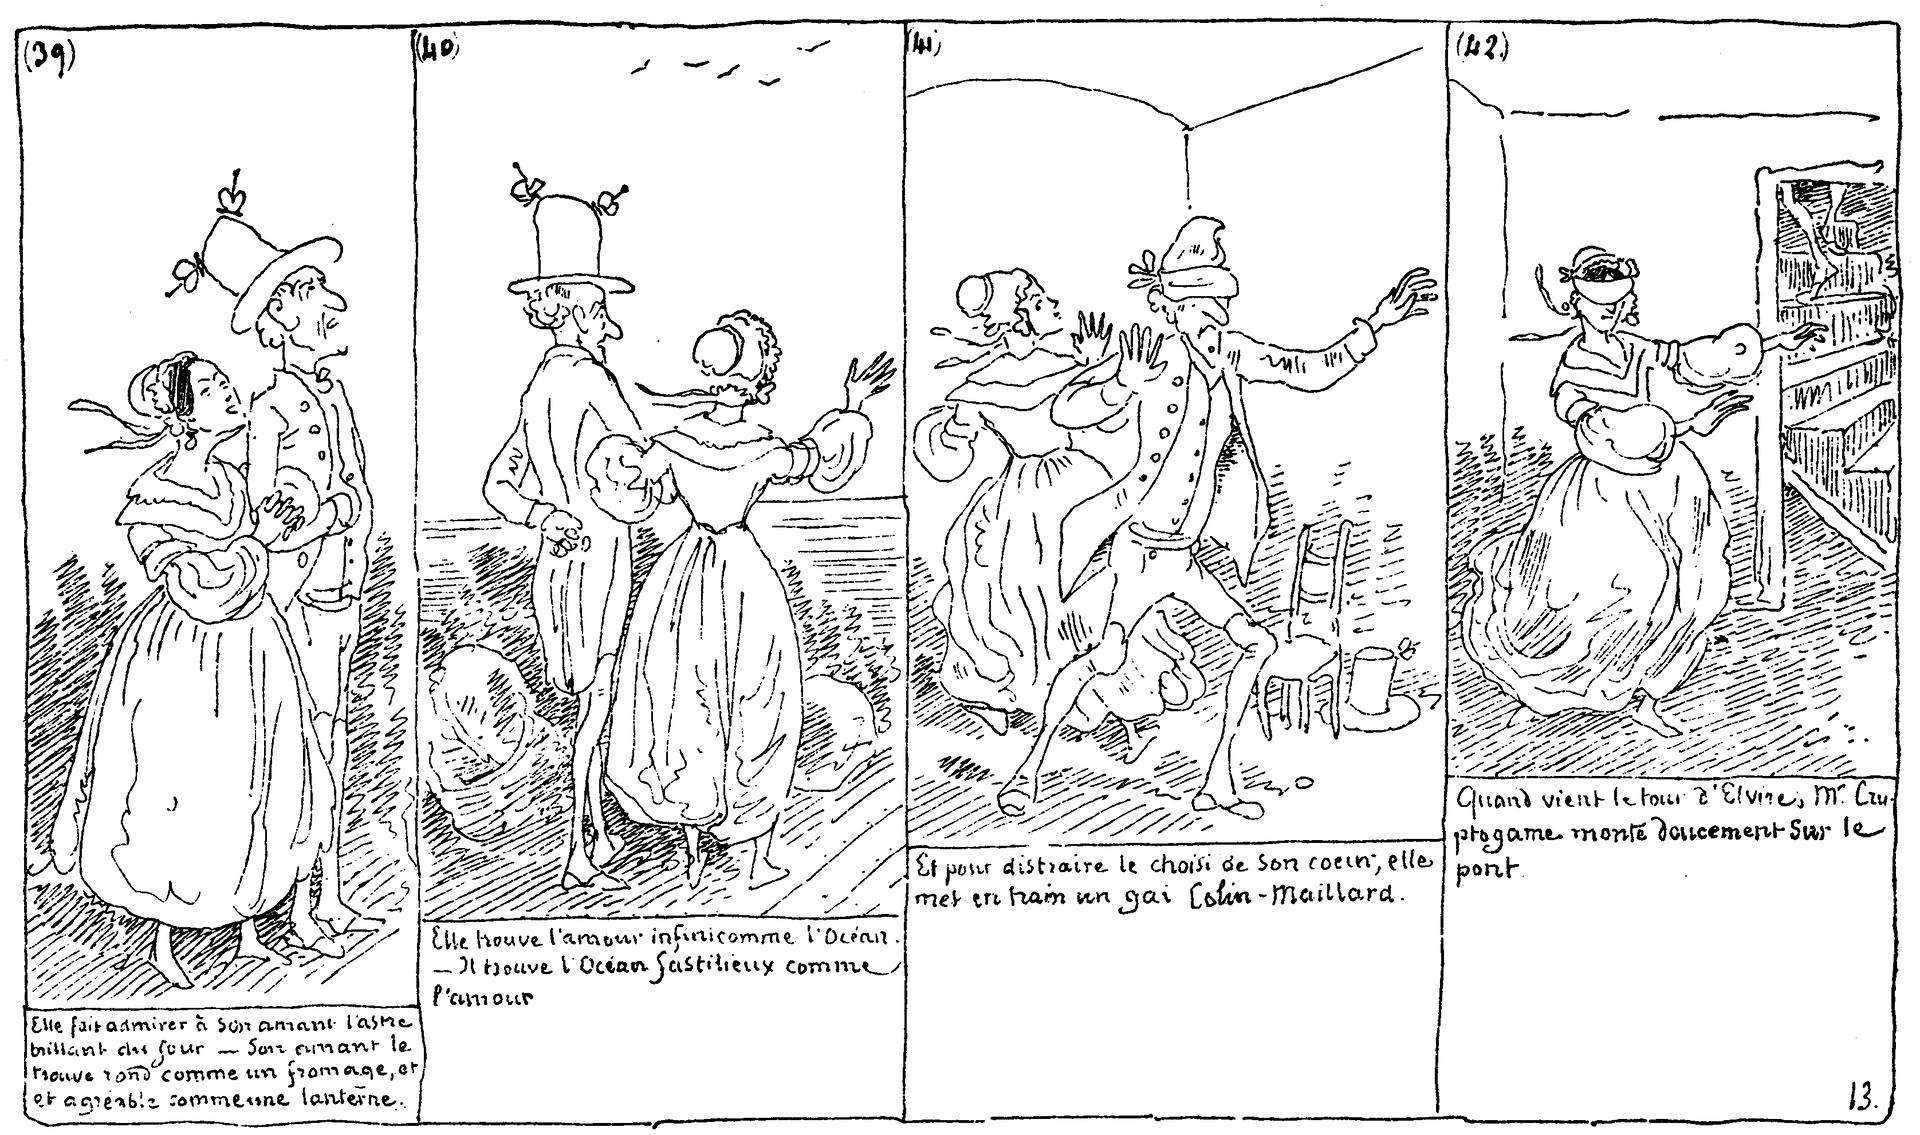 """Ilustracja przedstawia fragment historyjki obrazkowej Rodolphe Topffera """"Histoire de Monsieur Cryptogame"""". Historyjka składa się zczterech czarno - białych obrazków. Na pierwszym ukazane są zprofilu dwie osoby idące pod rękę. Na drugim kobieta macha ręką do lecących ptaków. Trzeci obrazek przedstawia zabawę wchowanego - para znajduje się wpomieszczeniu, mężczyzna ma zasłonięte oczy. Na czwartym kobieta jest sama ima zasłonięte oczy. Pod każdym obrazkiem umieszczony został tekst."""